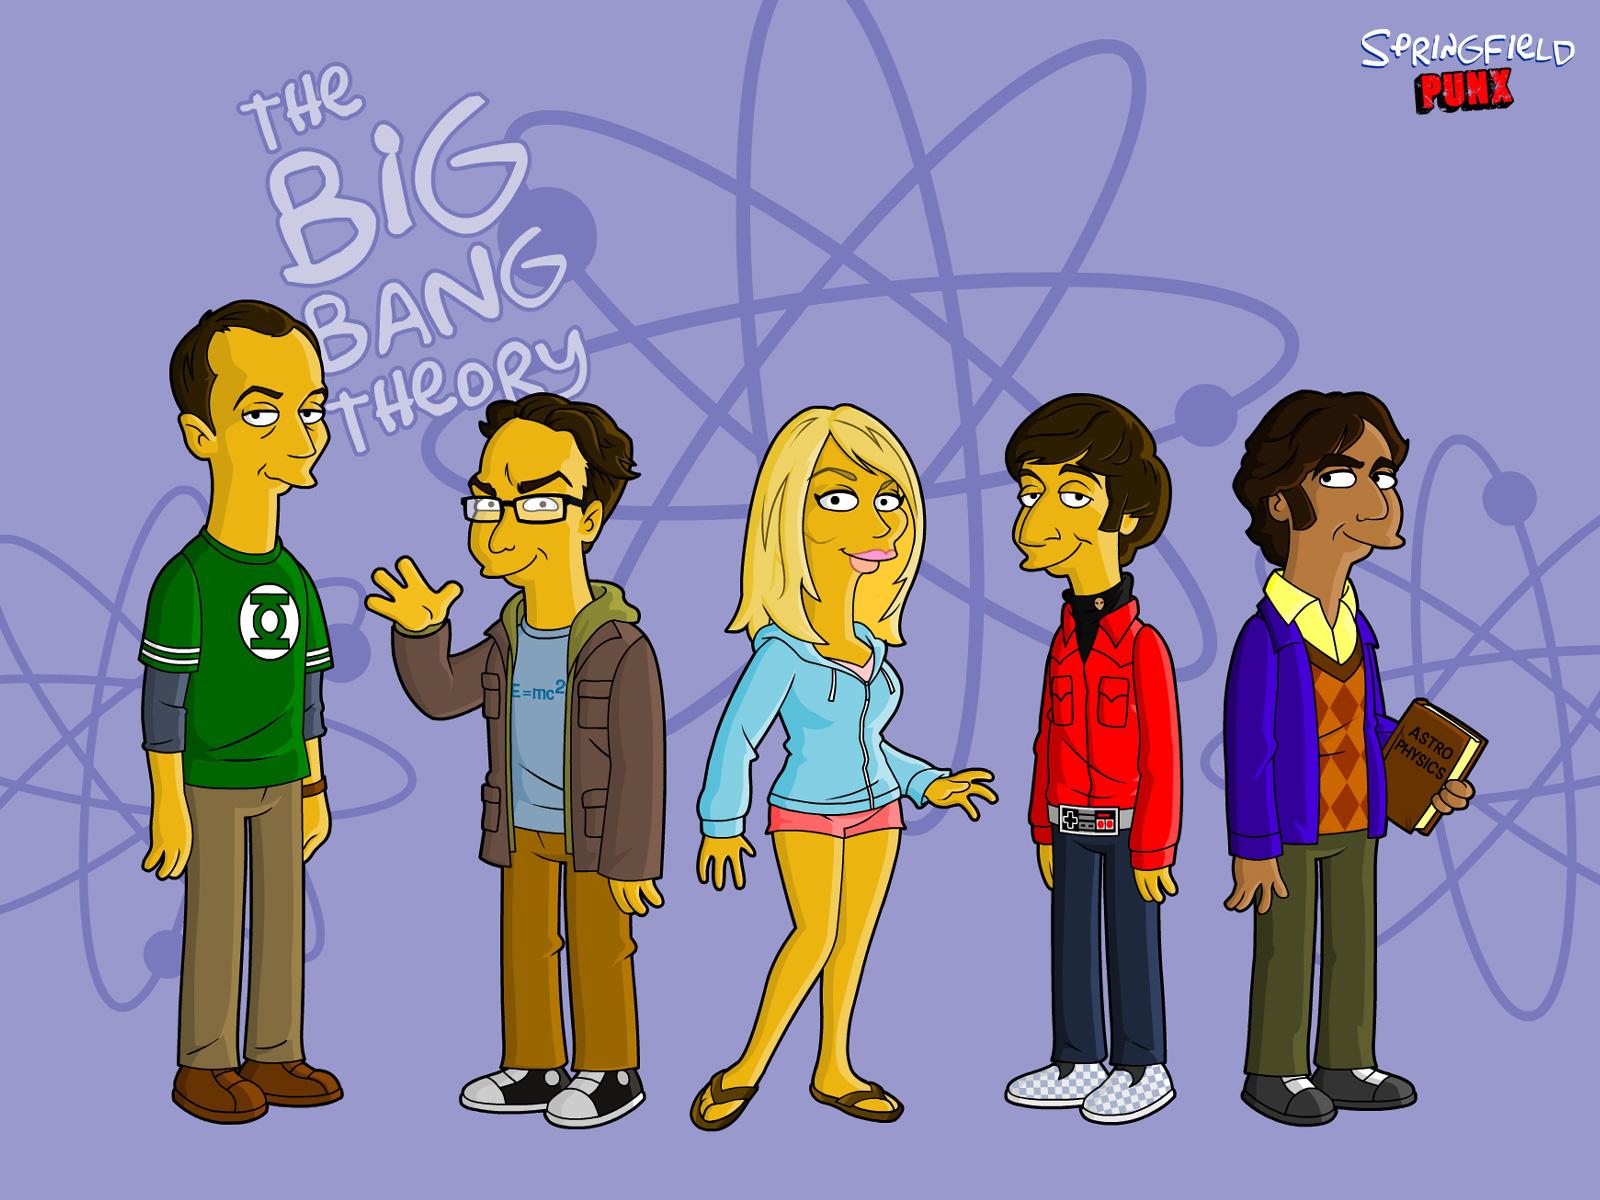 springfield punx: the big bang theory wallpaper!